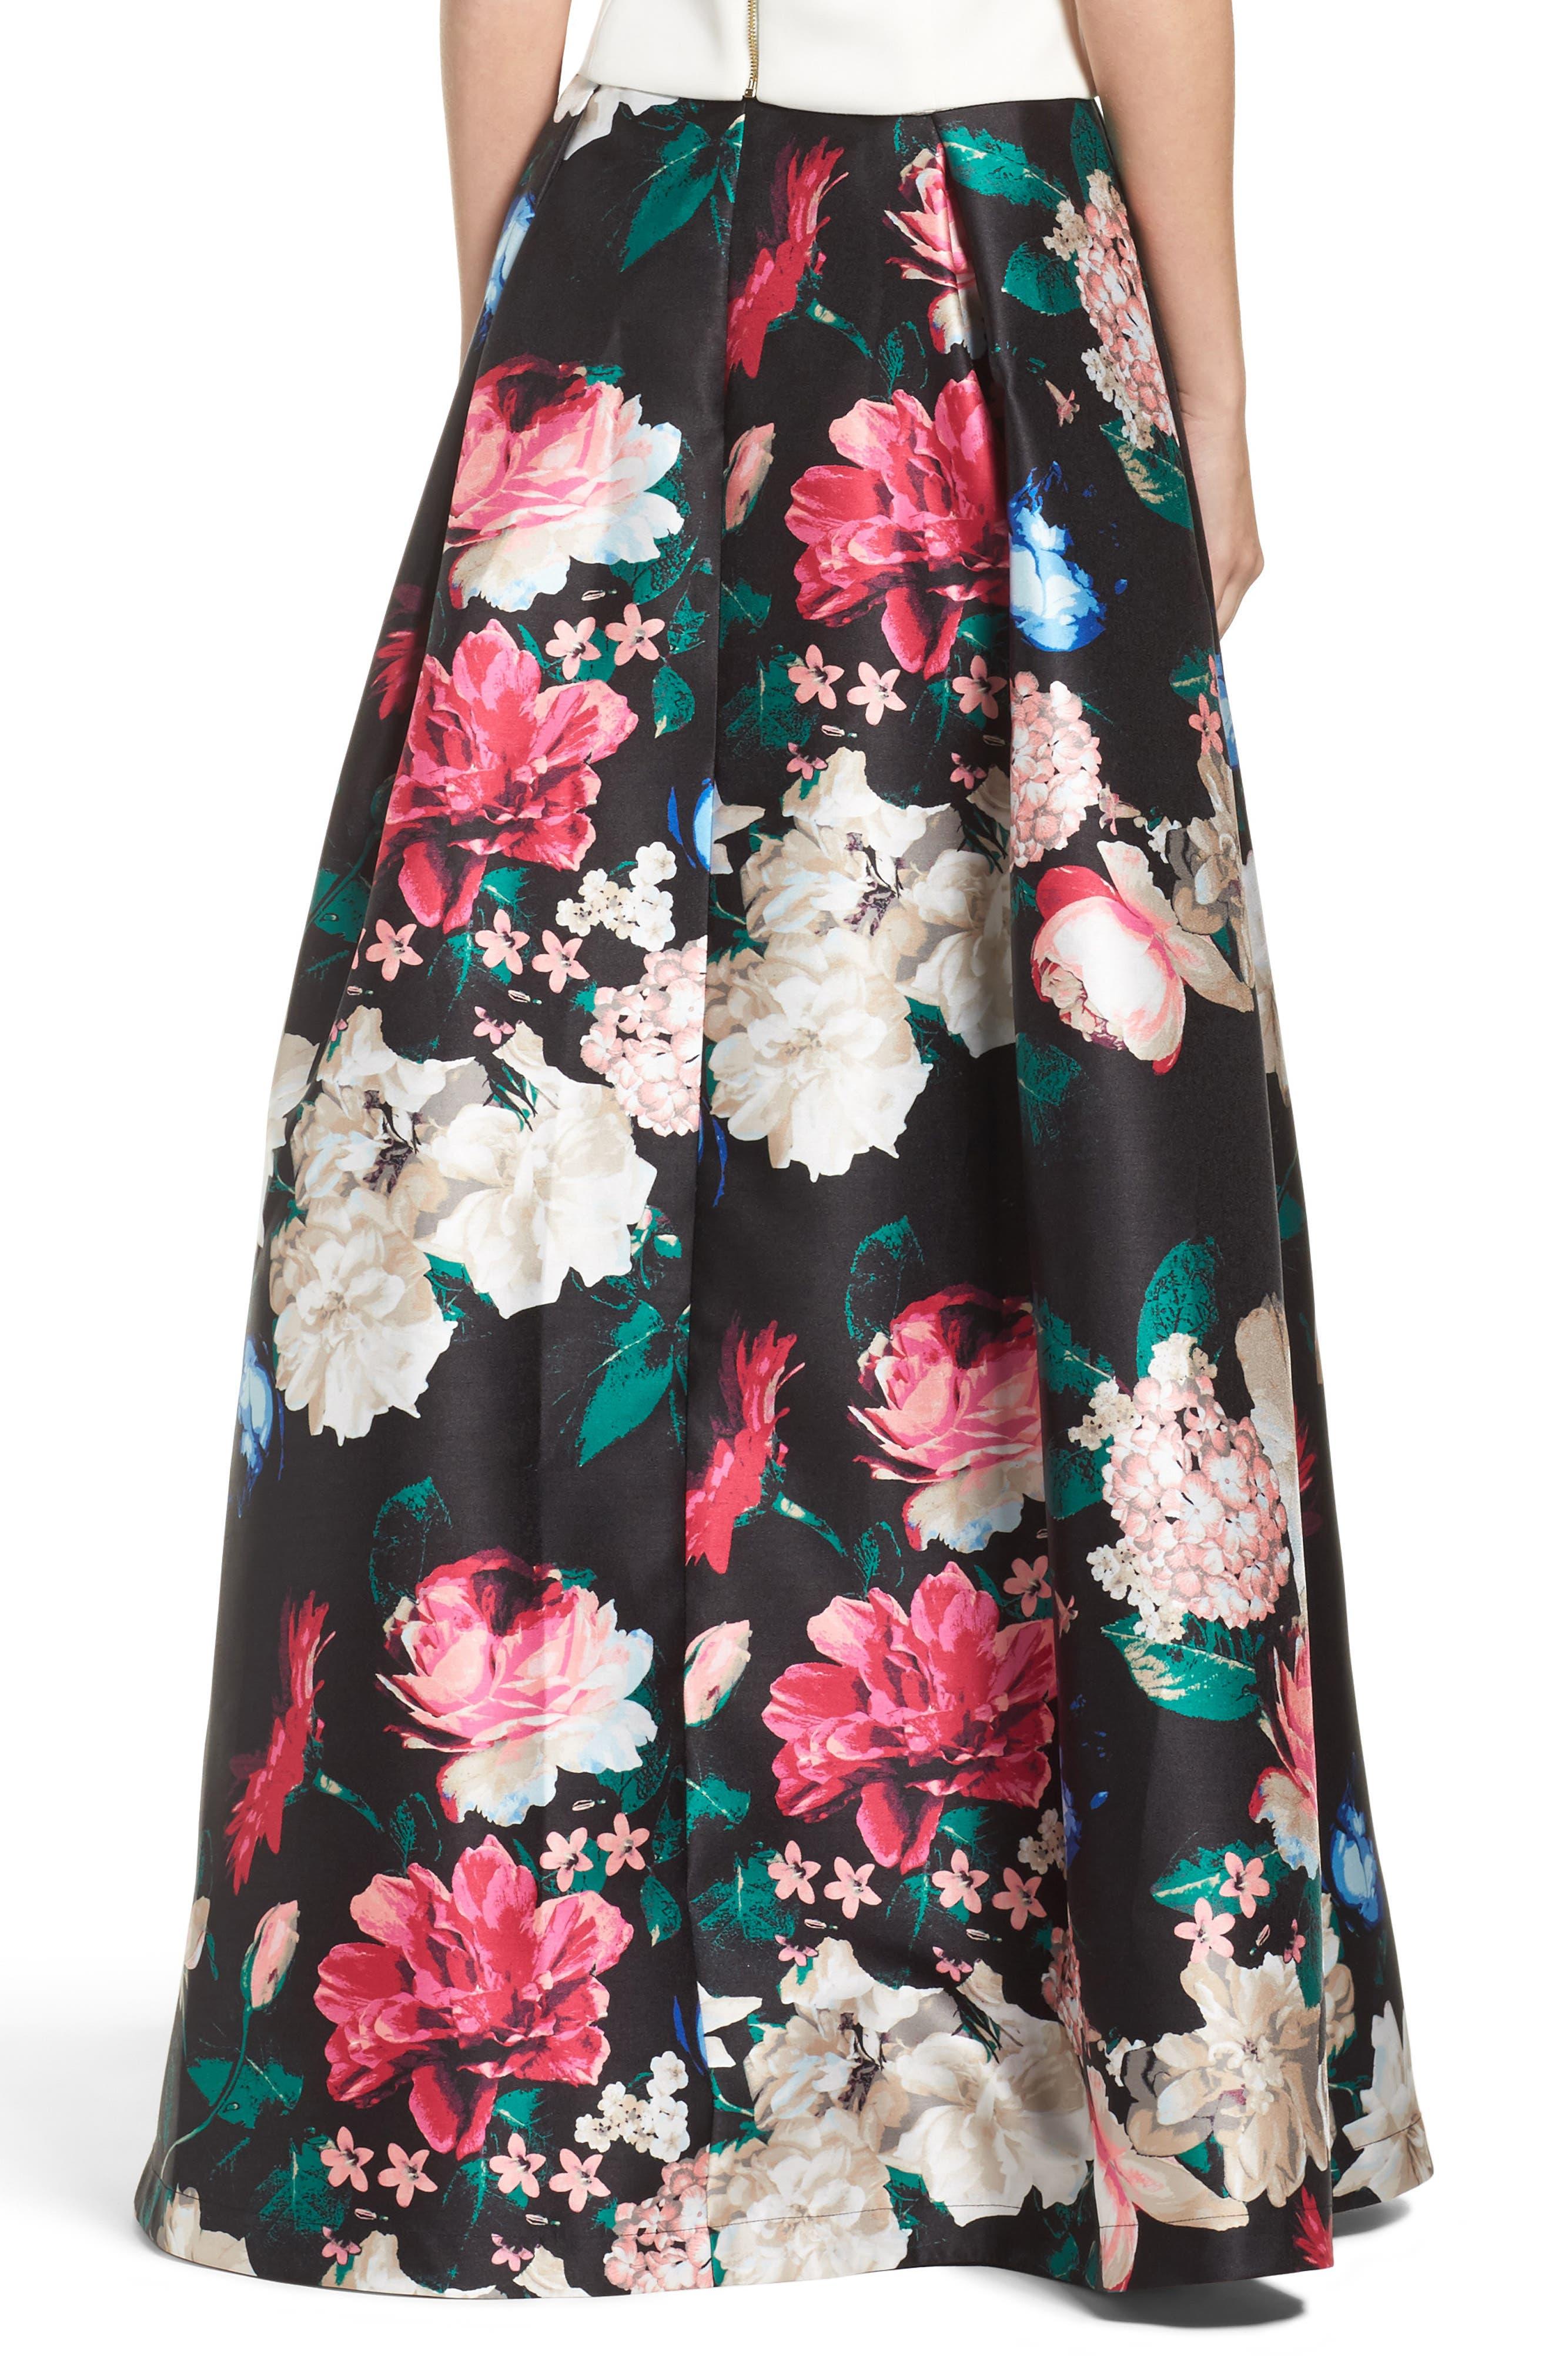 Faille Ball Skirt,                             Alternate thumbnail 2, color,                             Black/ Pink